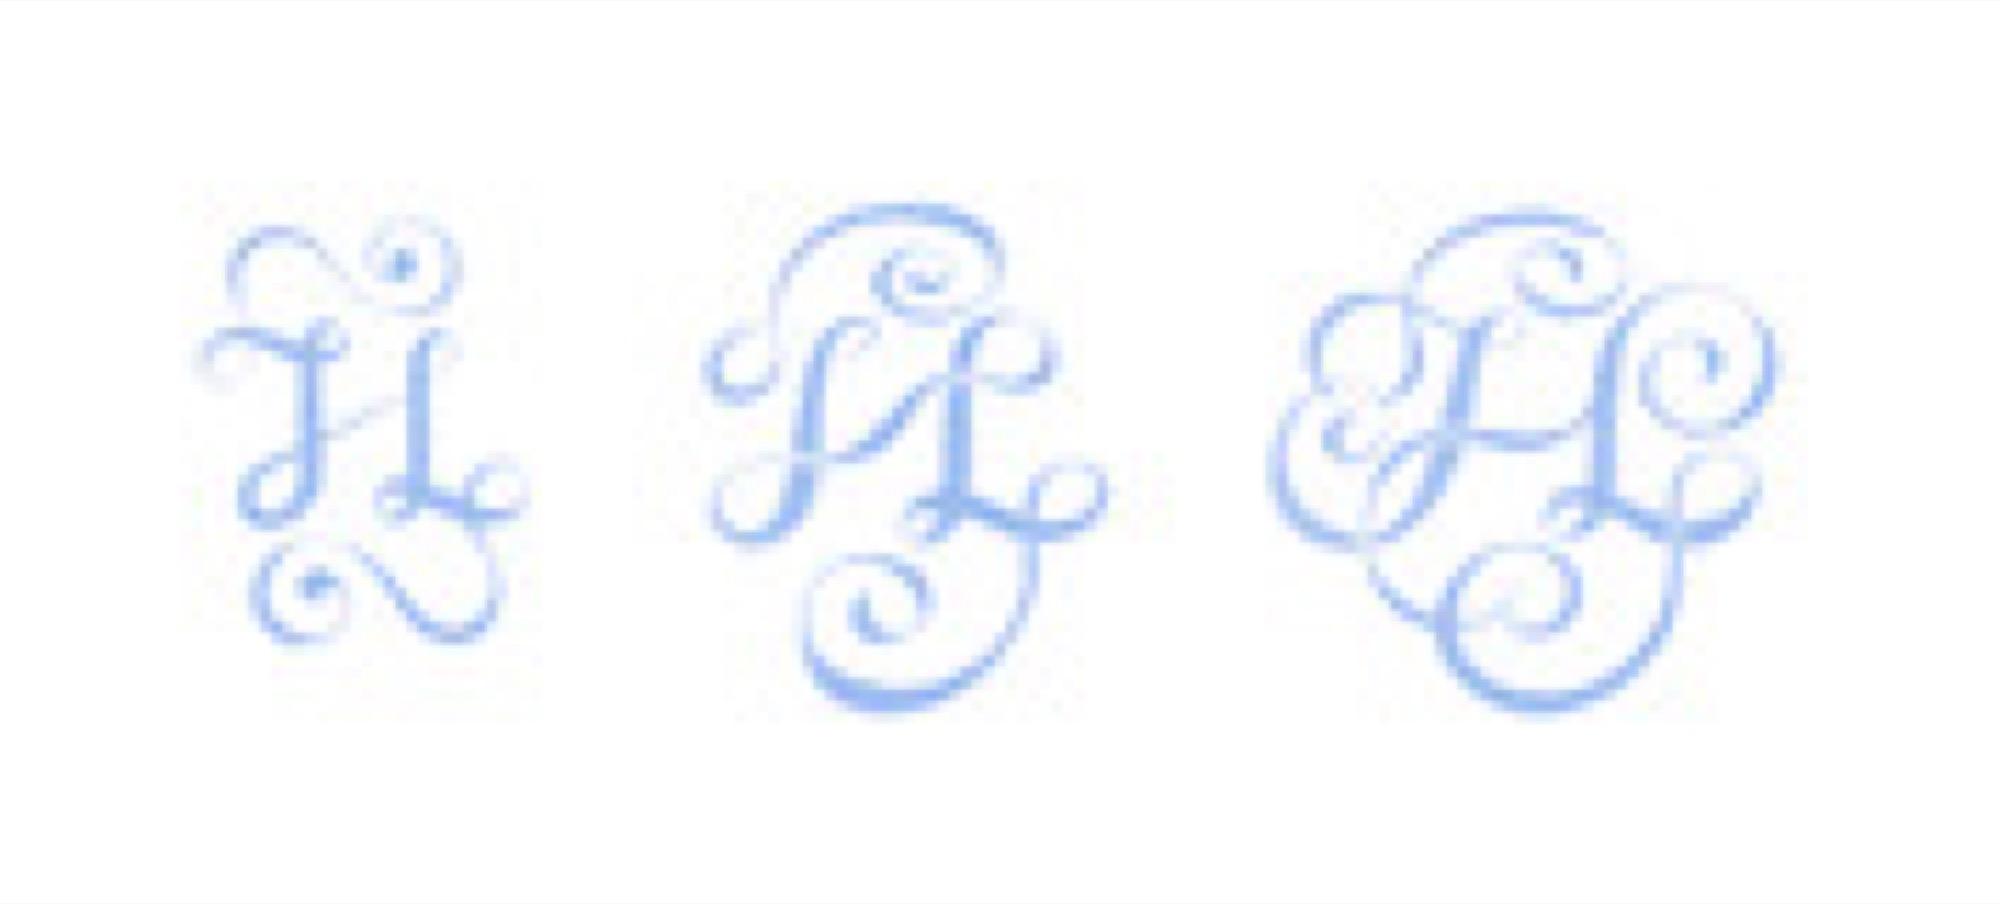 sagamariah JLH Emblem portfolio